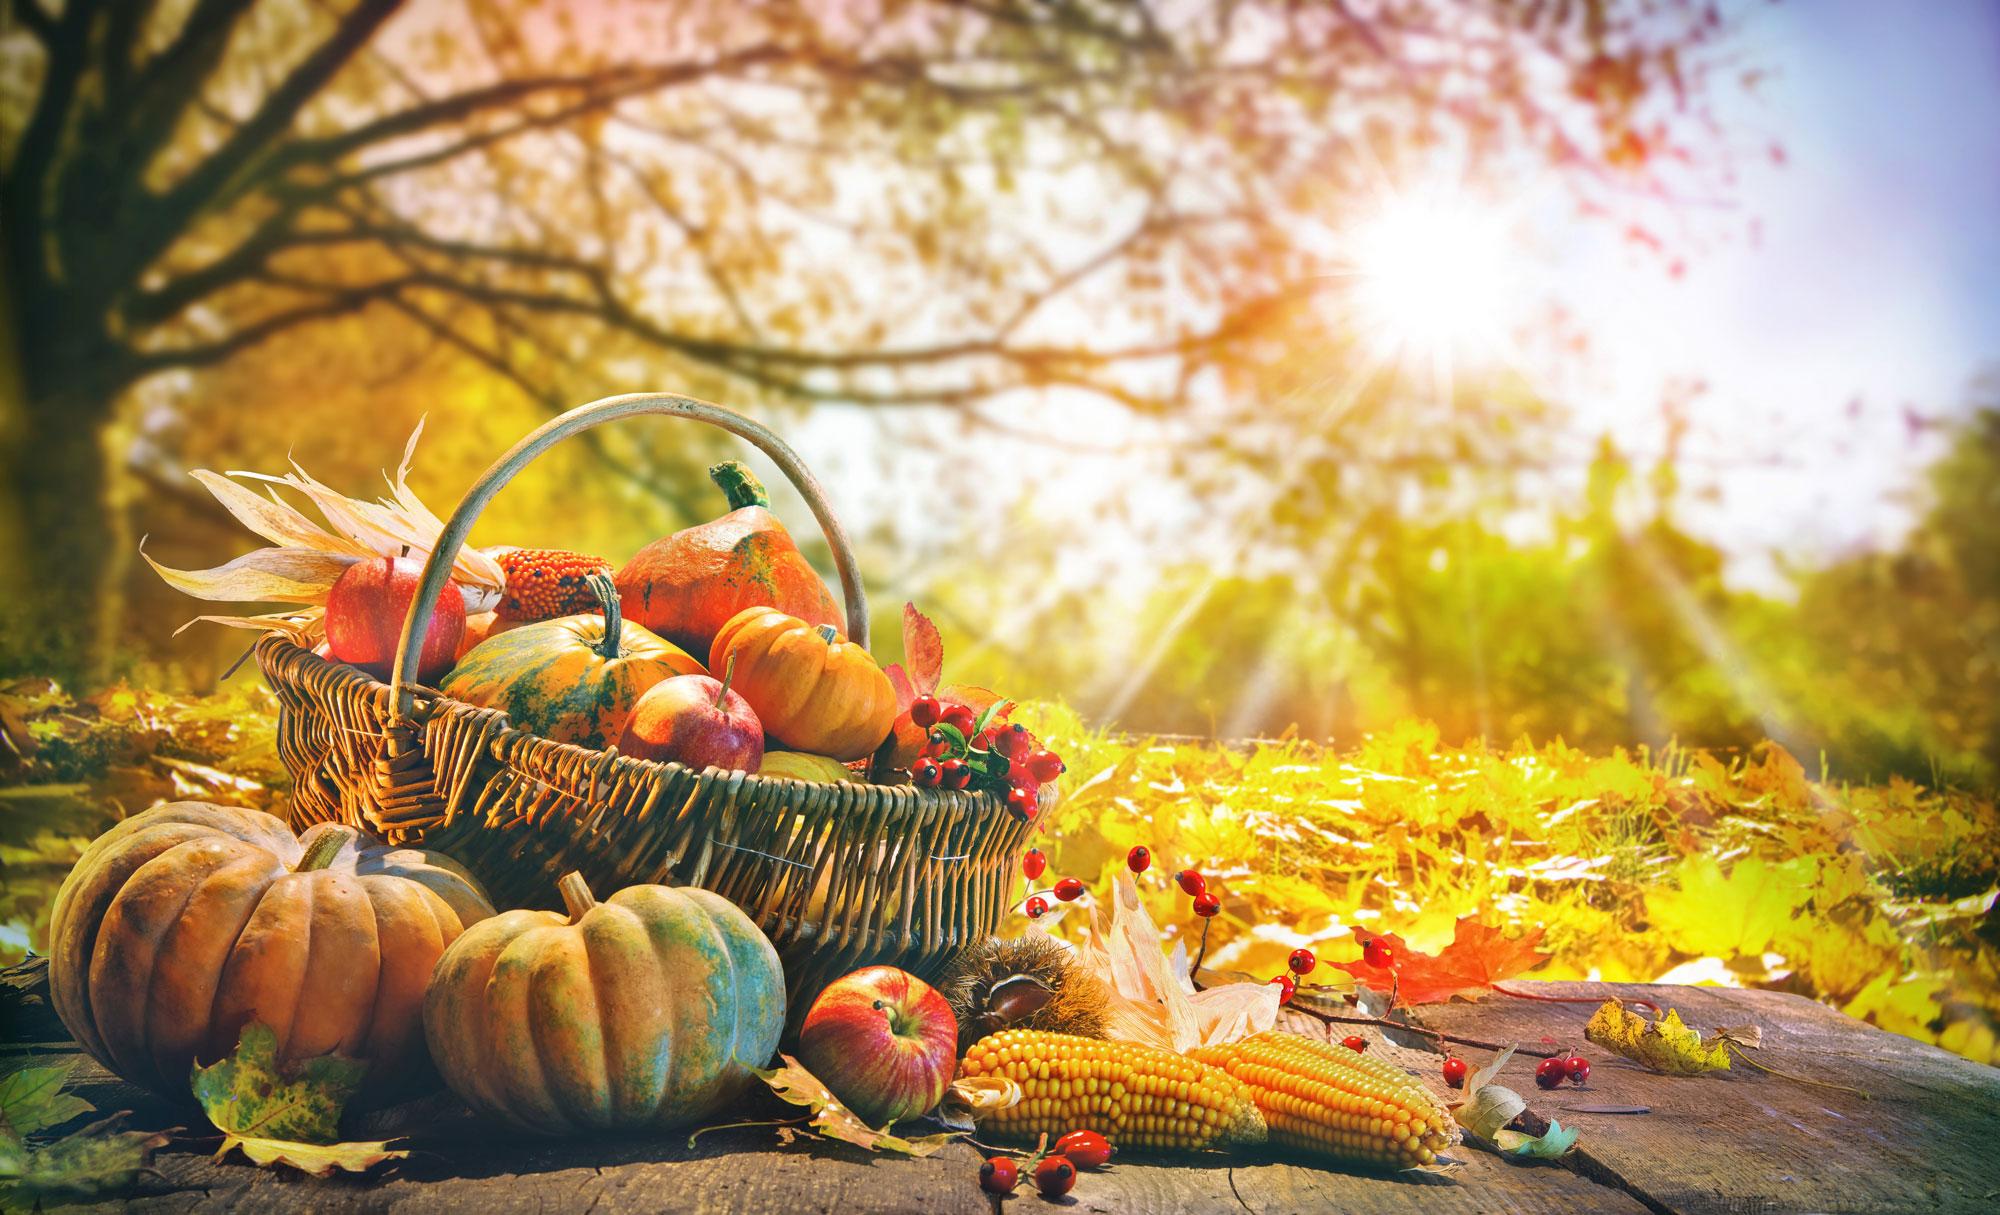 November Farm to Table Dinner